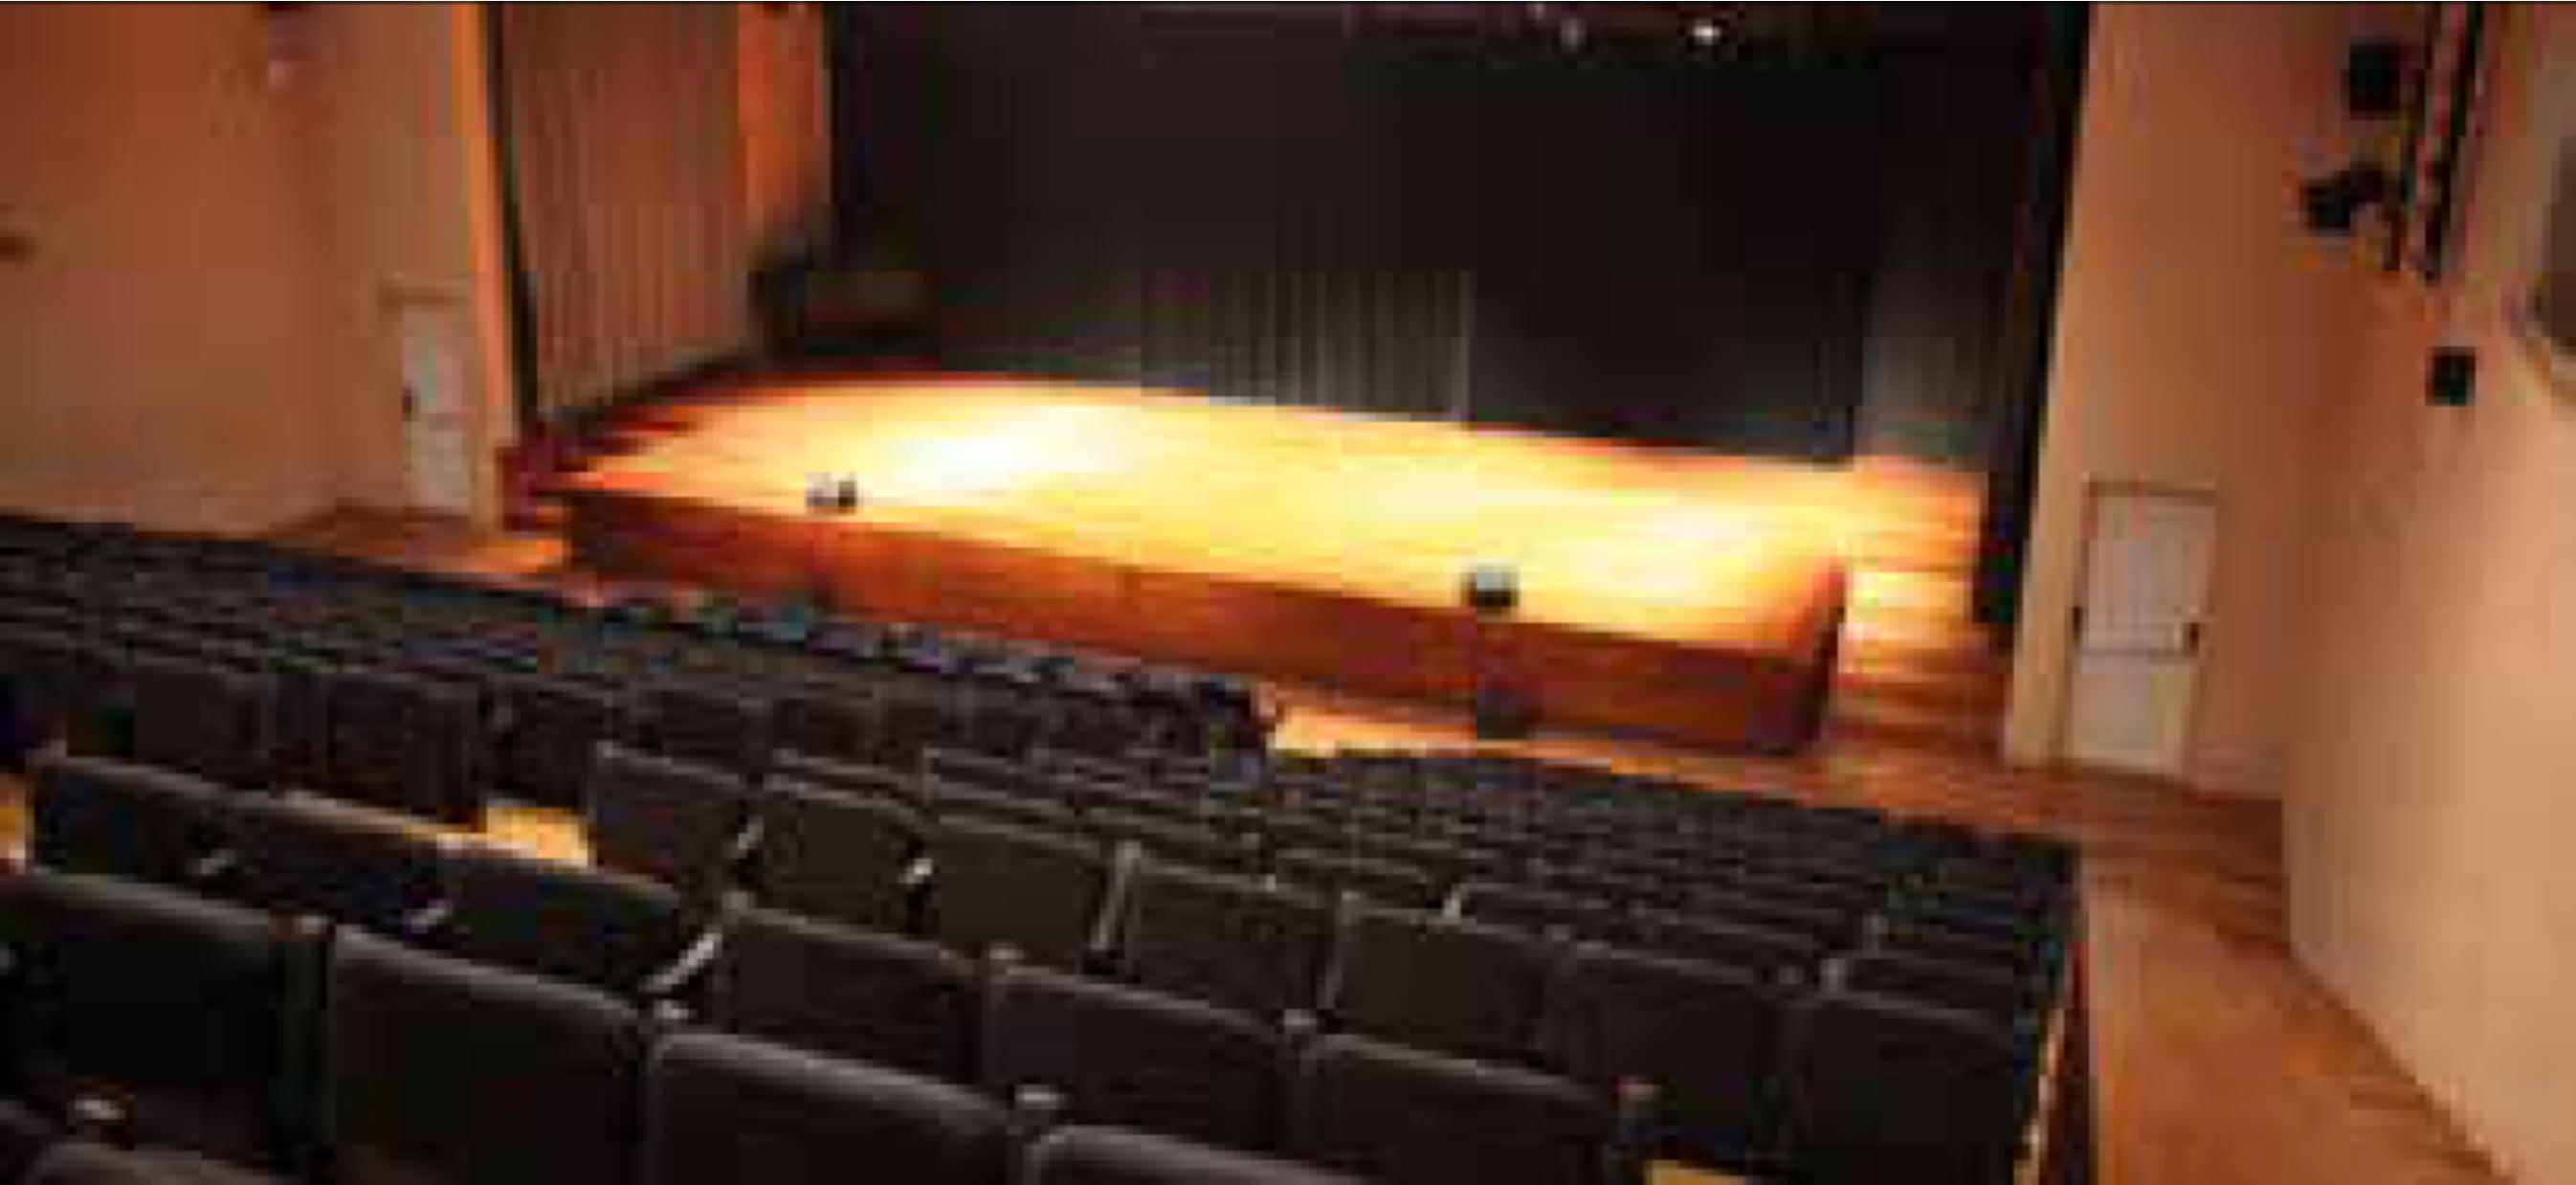 ISEP - Auditório Magno